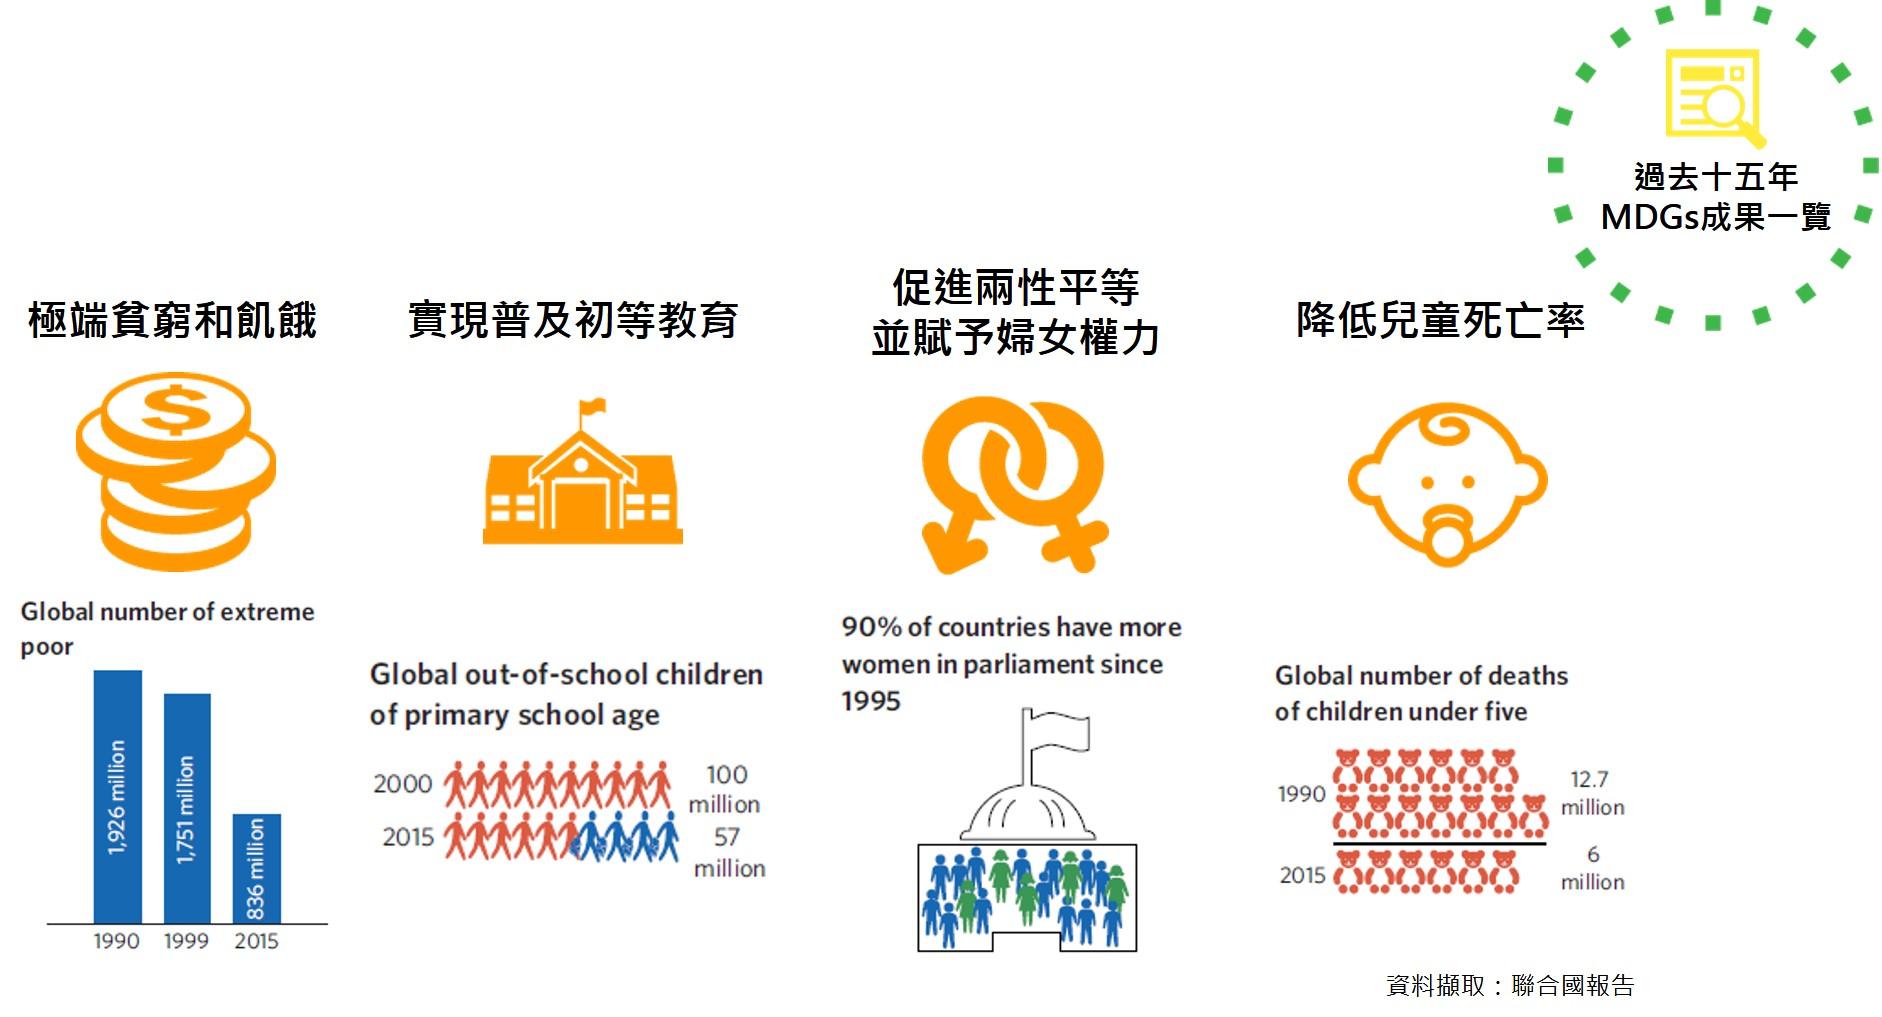 17項永續發展目標(SDGs)-MDGs成果一覽-CSRone